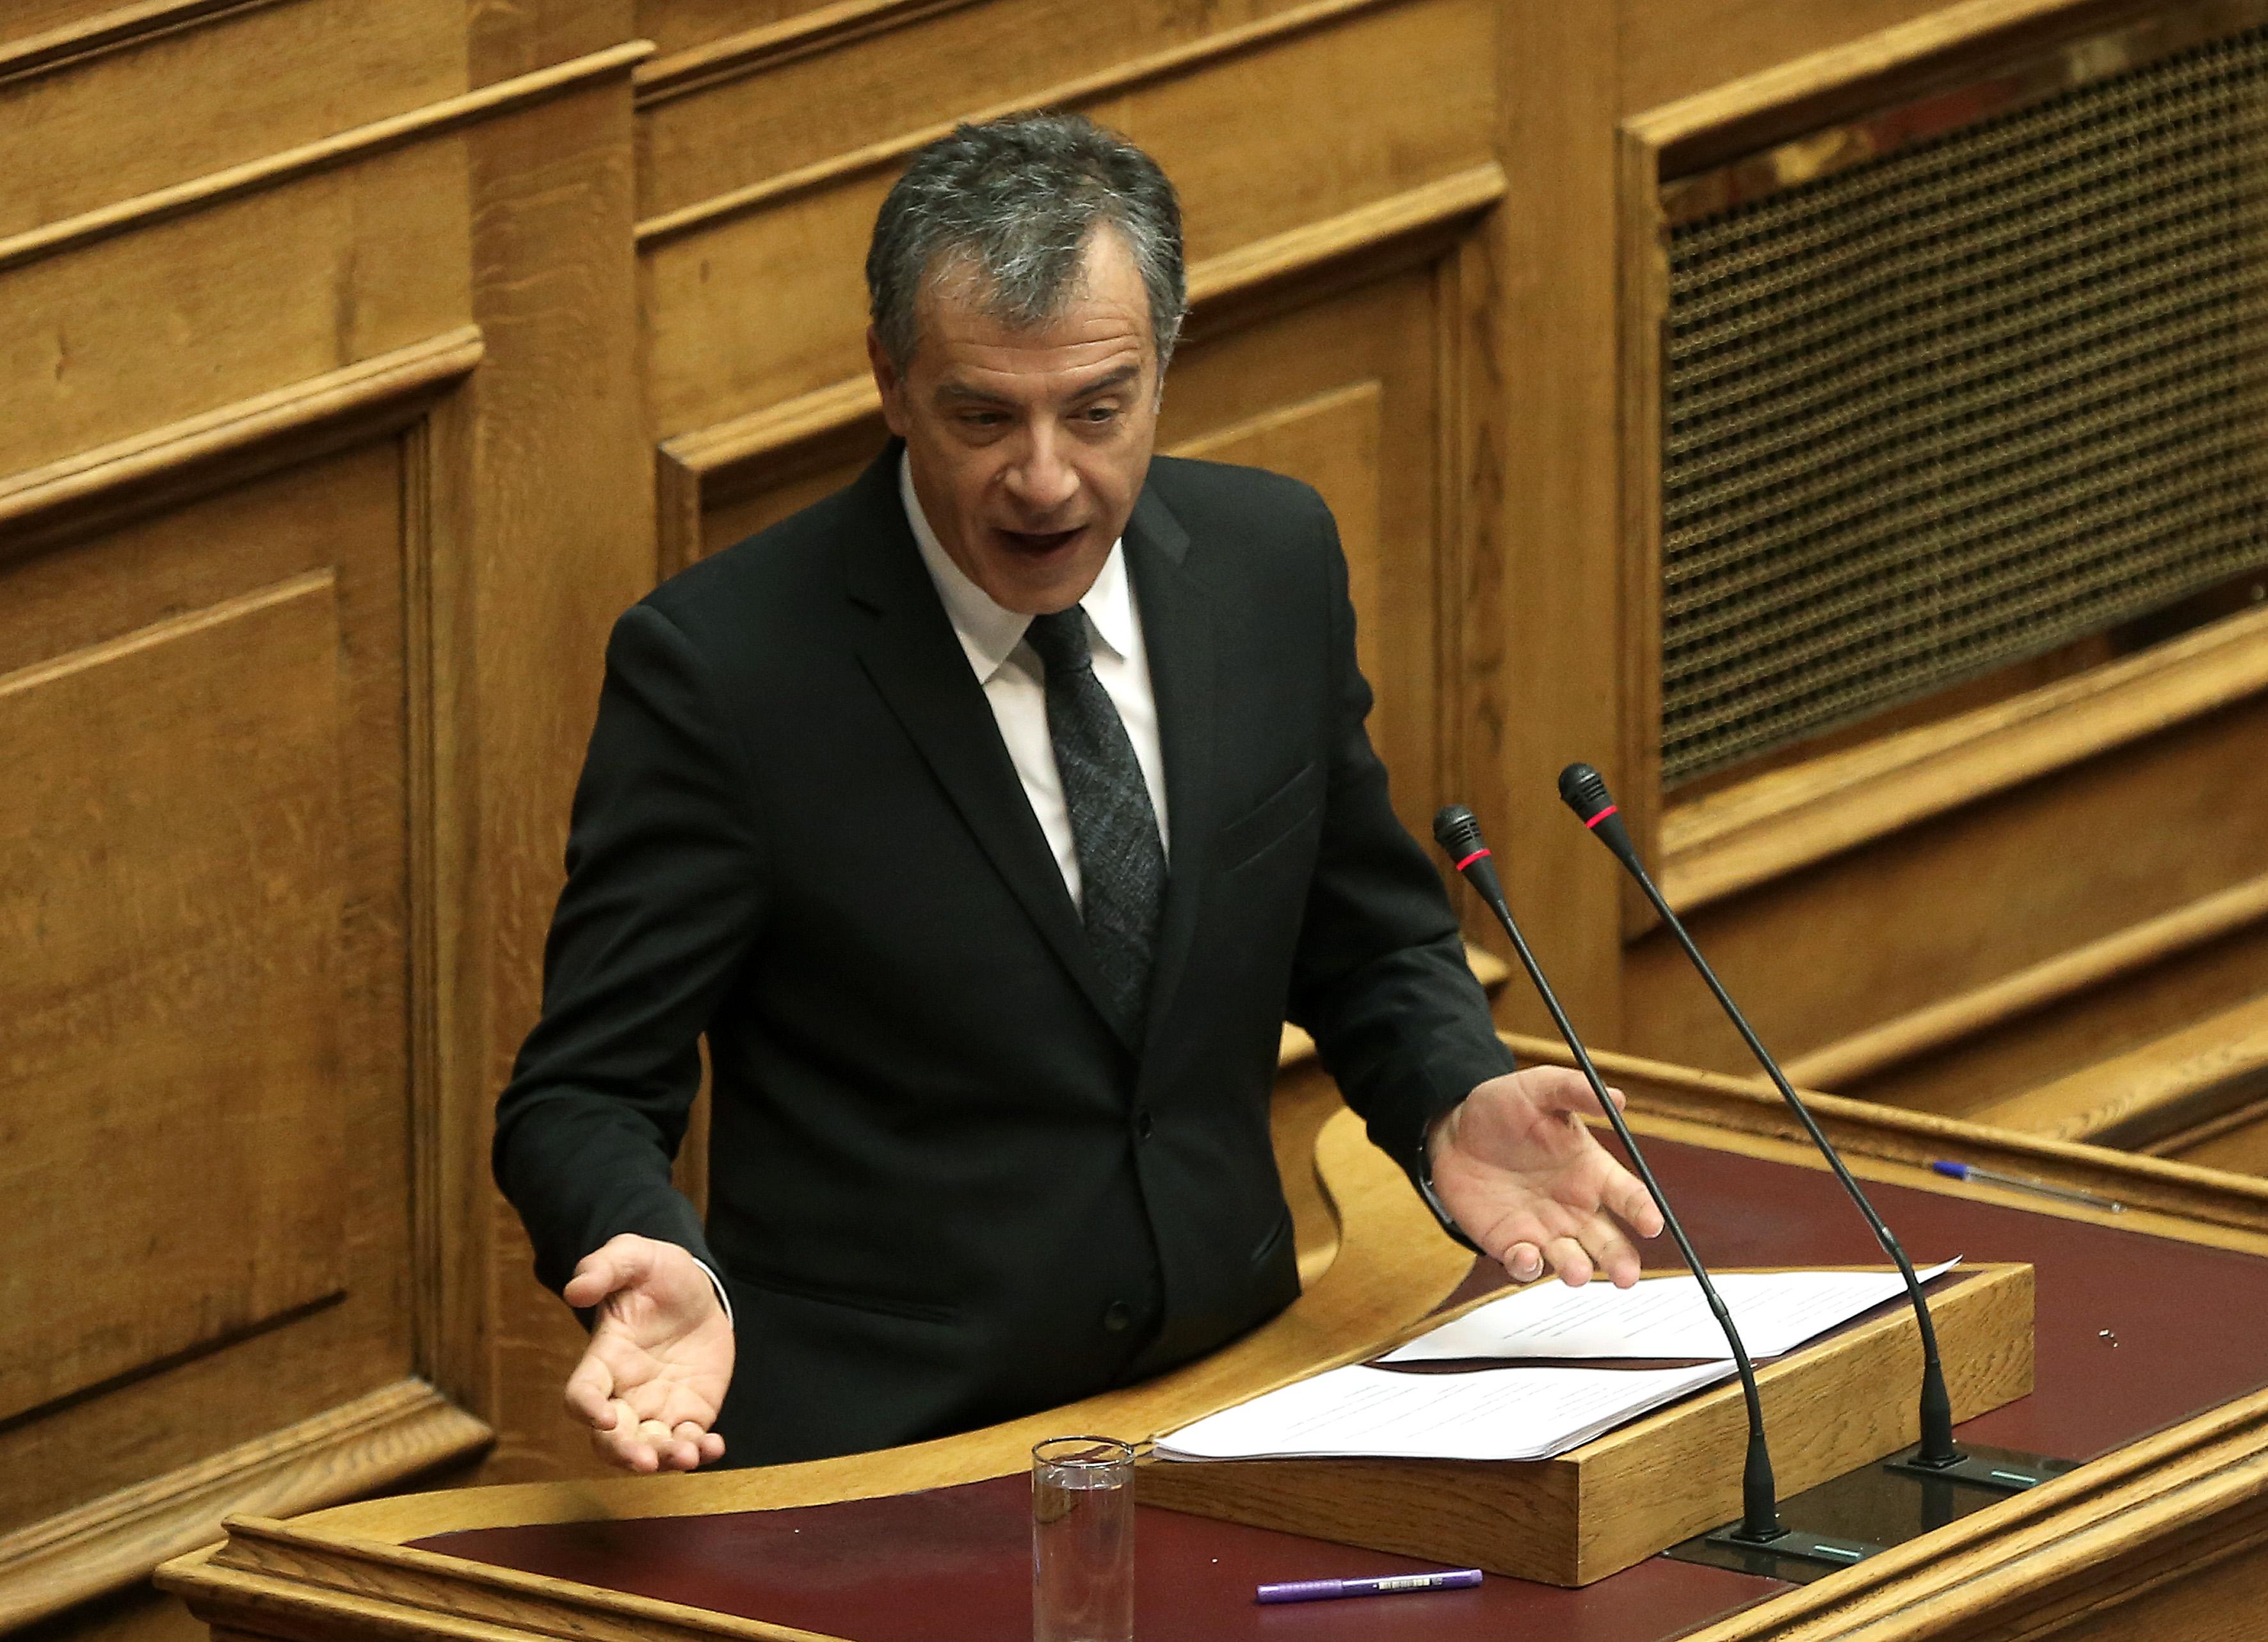 Για «εξαγορά βουλευτών» κάνει λόγο το Ποτάμι για την υπόθεση Μπαργιώτα | tovima.gr